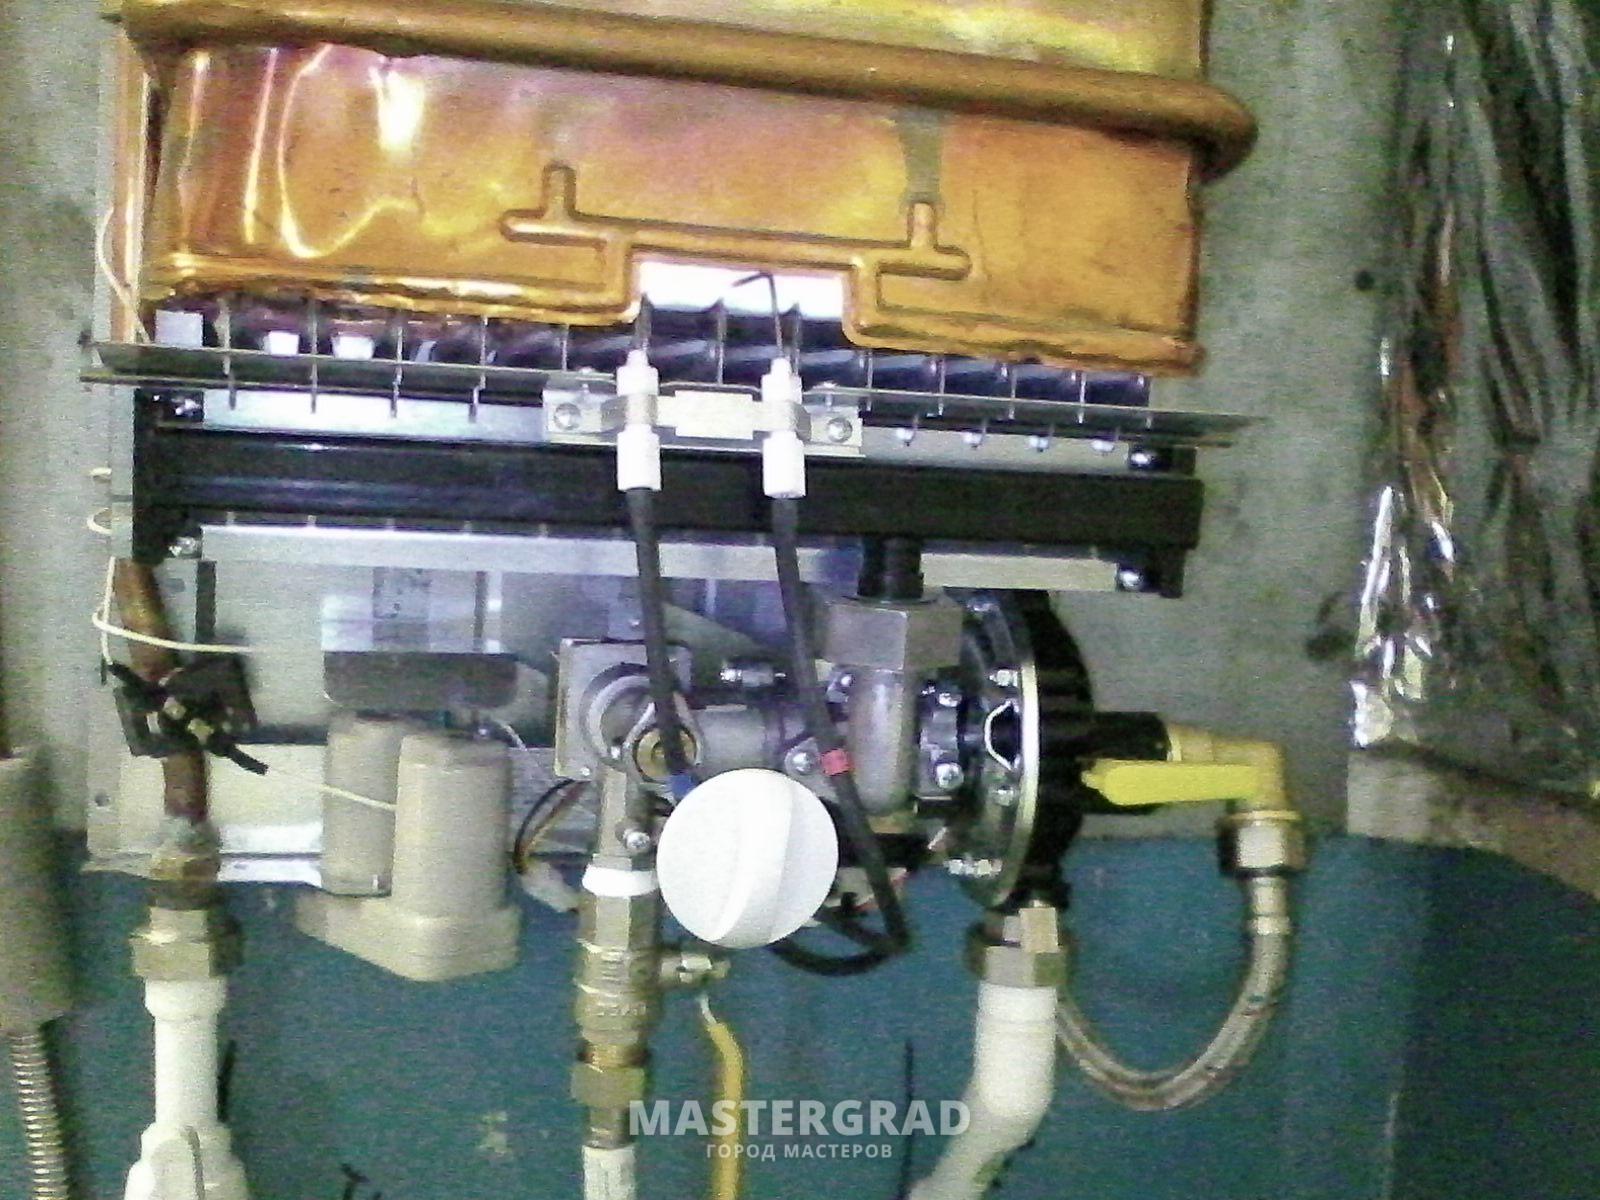 Газовая колонка Нева. После первого включения гаснет 56